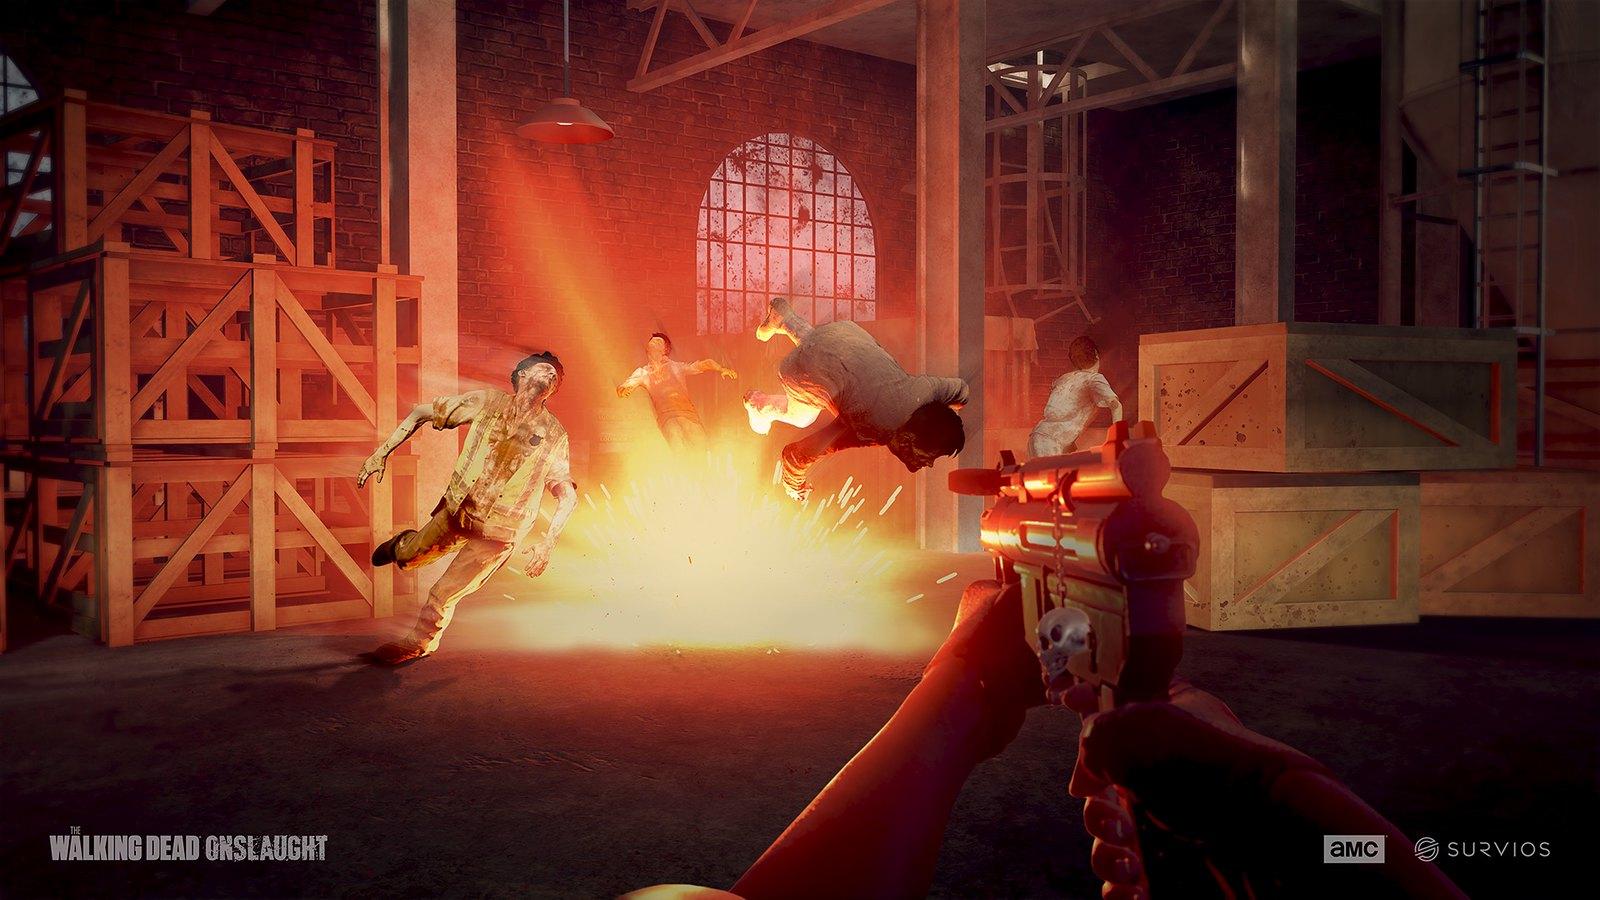 50382735218 93fea2237d h - 8 Tipps, um The Walking Dead Onslaught zu überleben  – ab morgen auf PSVR